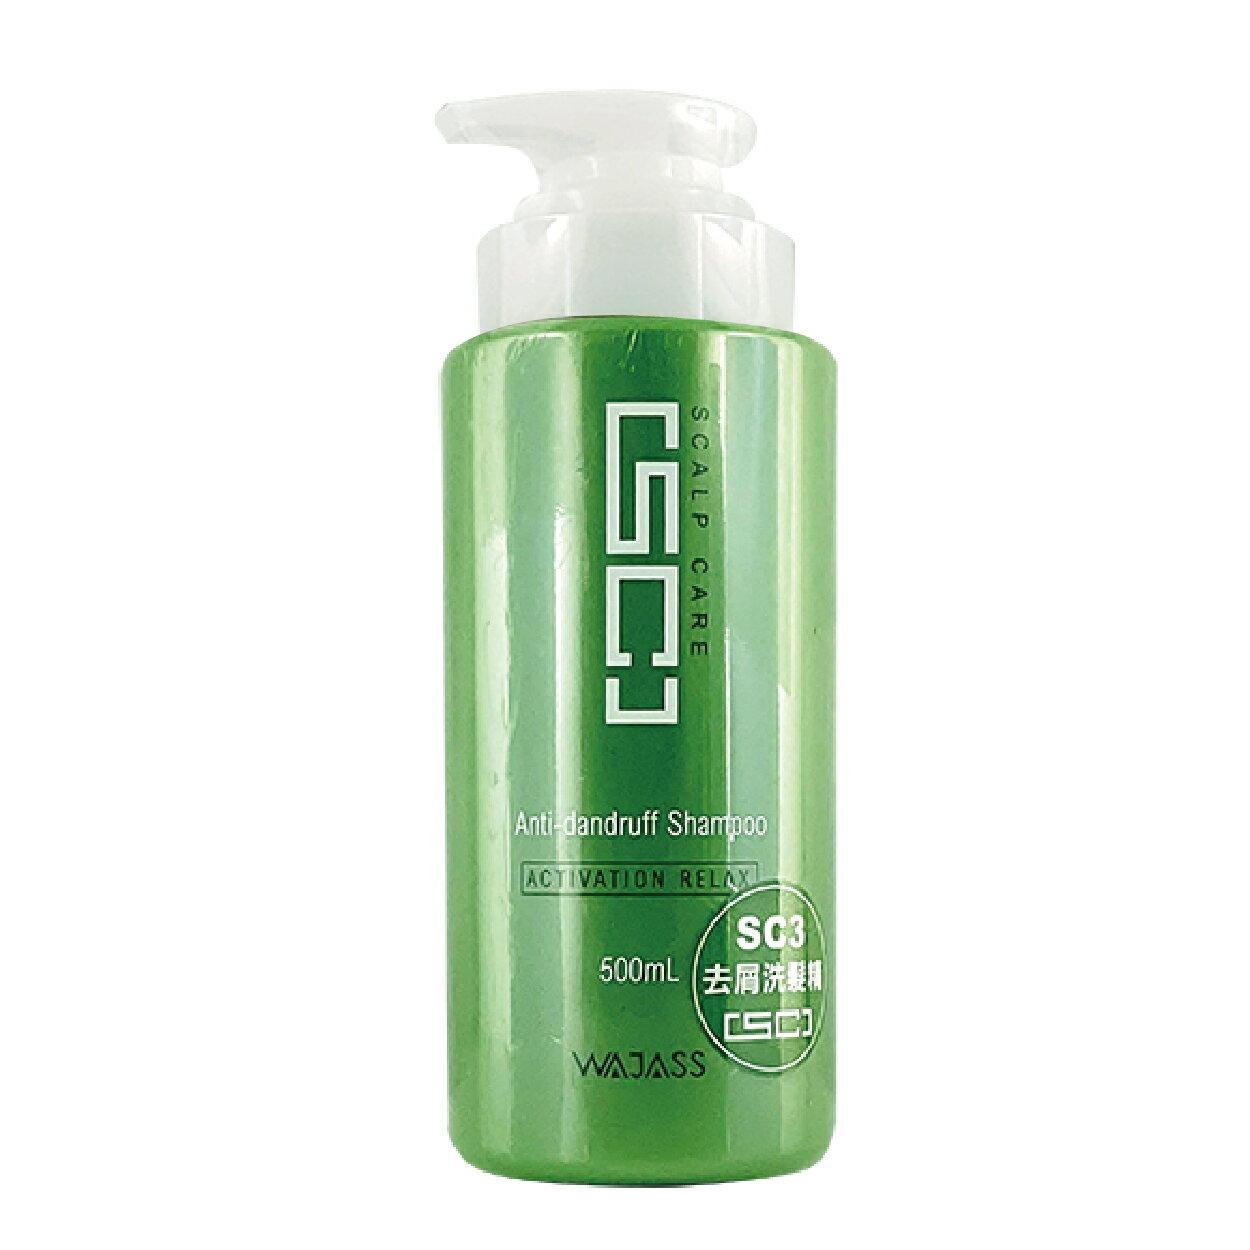 WAJASS威傑士 SC1無涼款  /  SC2控油(清涼型 ) /  SC3去屑  /  SC4毛囊淨化洗髮精500ml 3